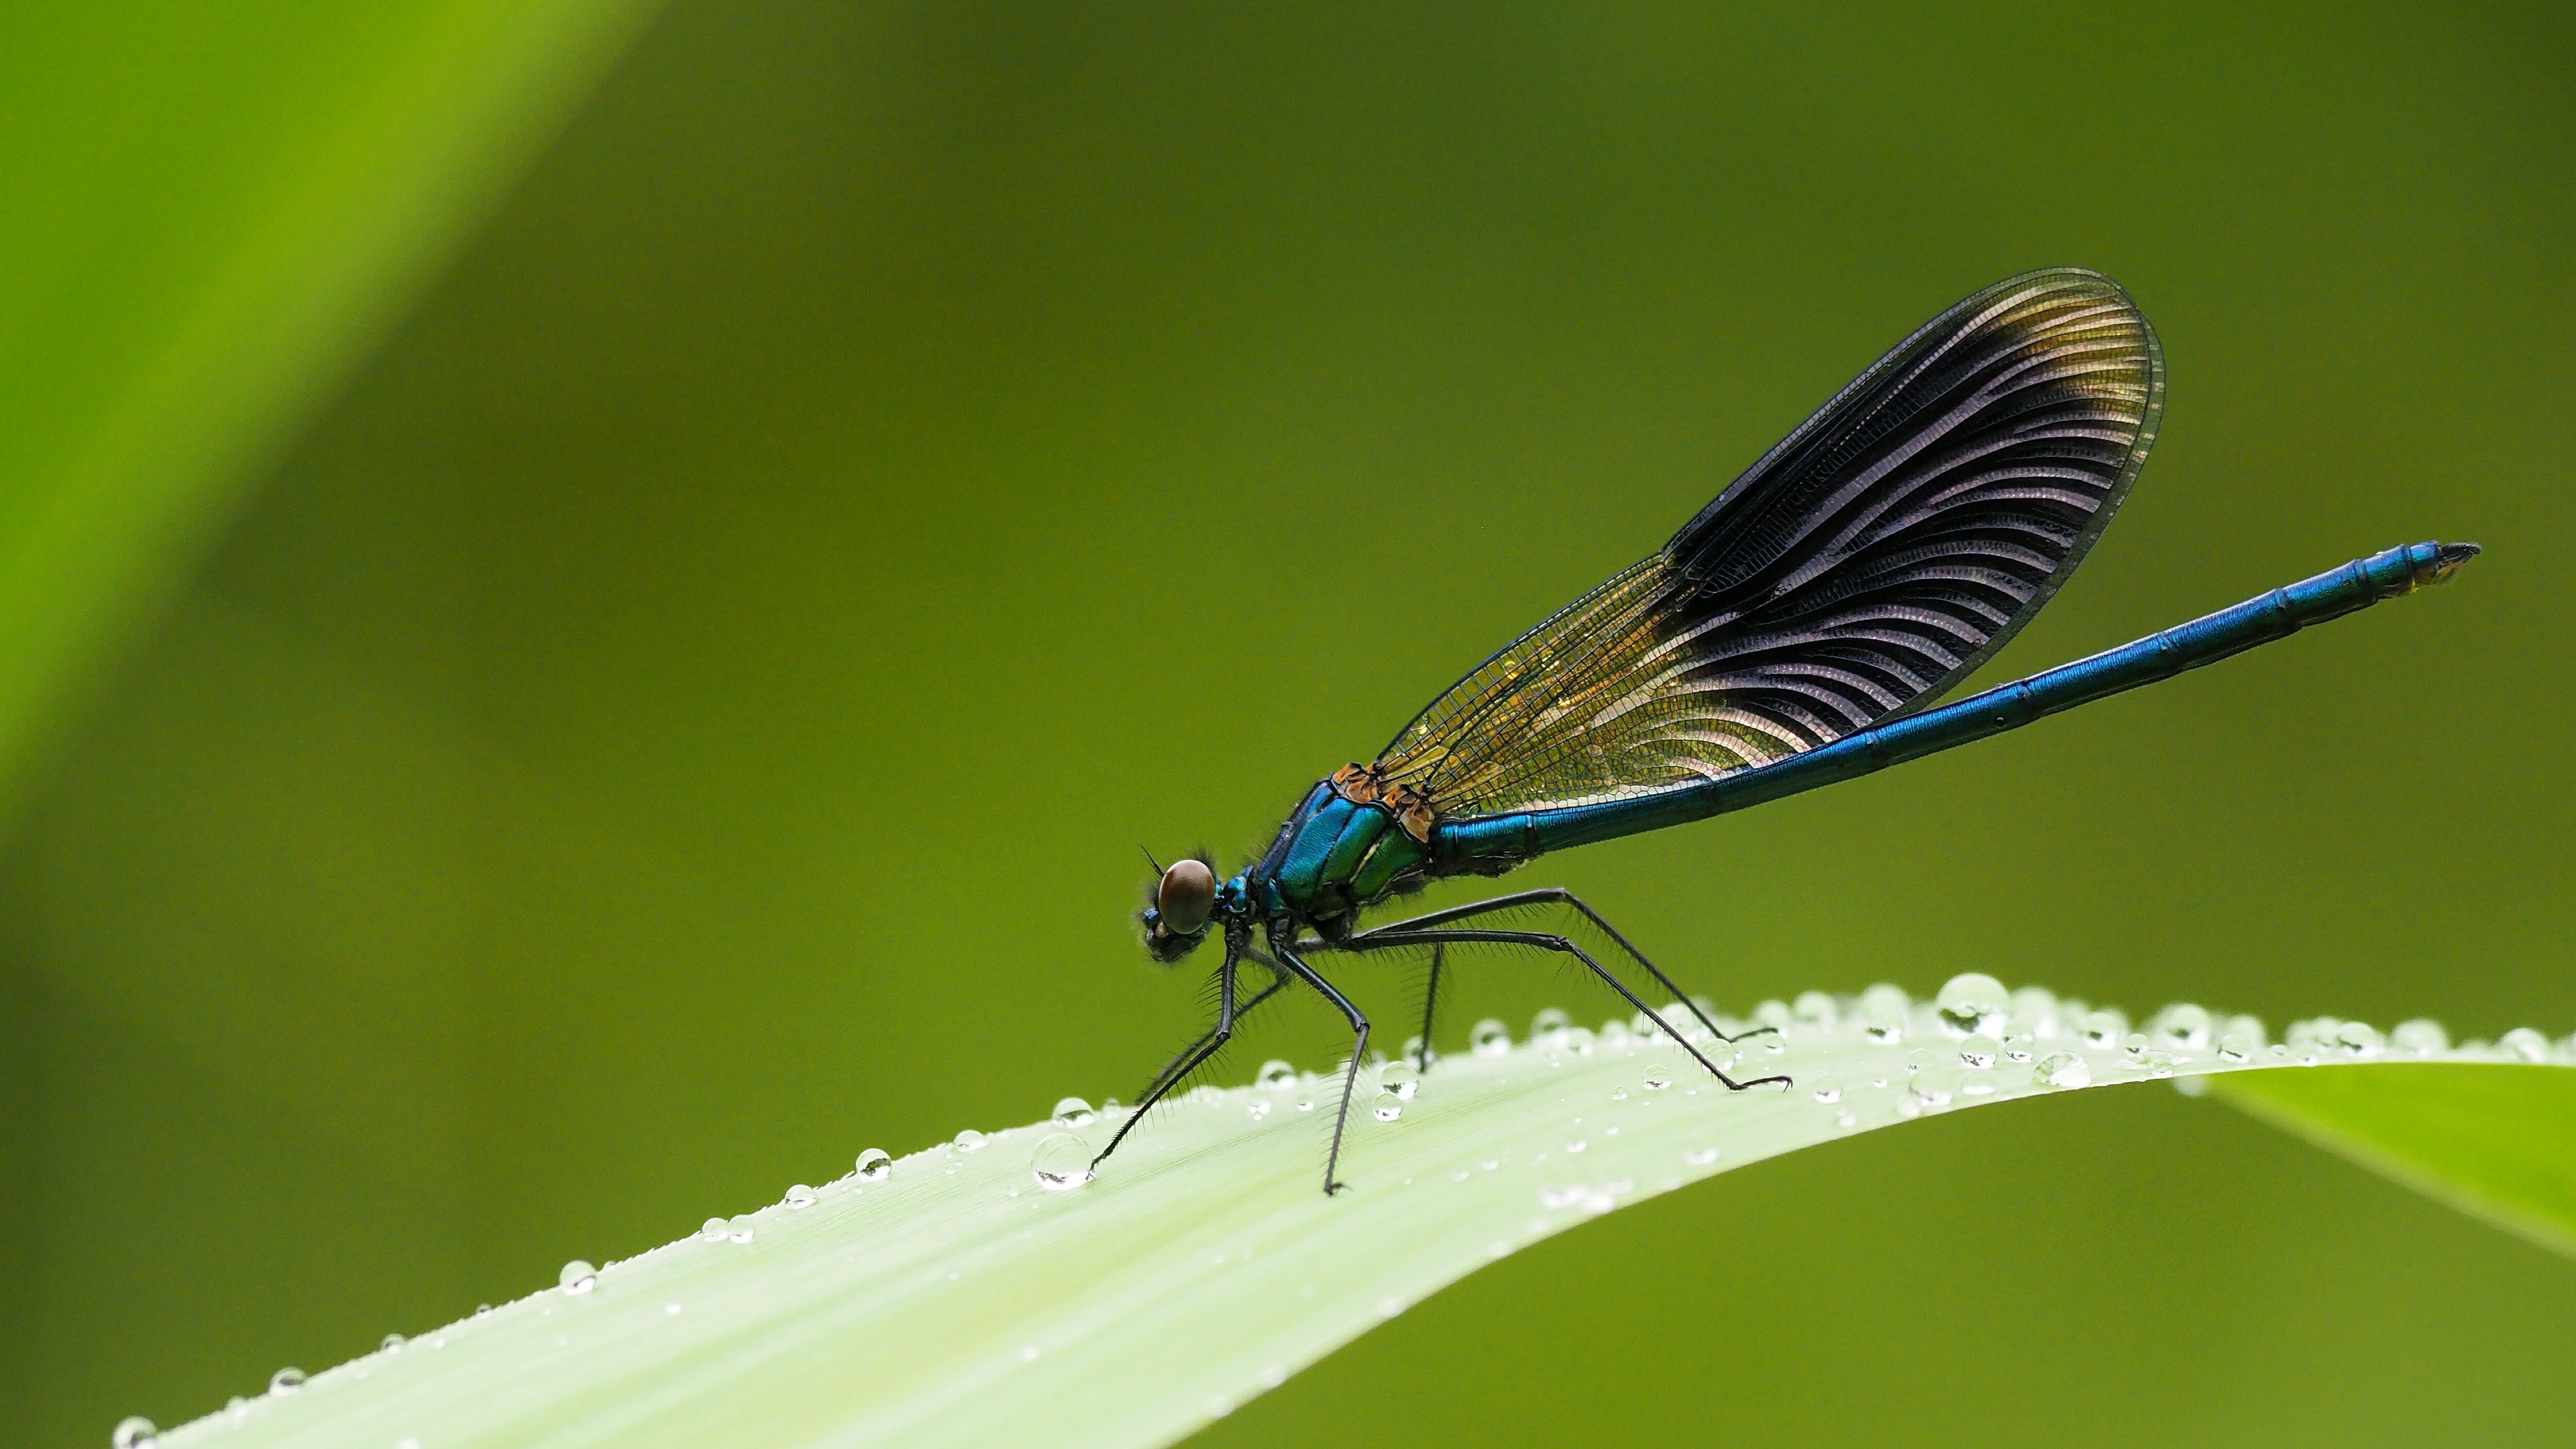 HDR, 곤충, 곤충학, 동물의 무료 스톡 사진